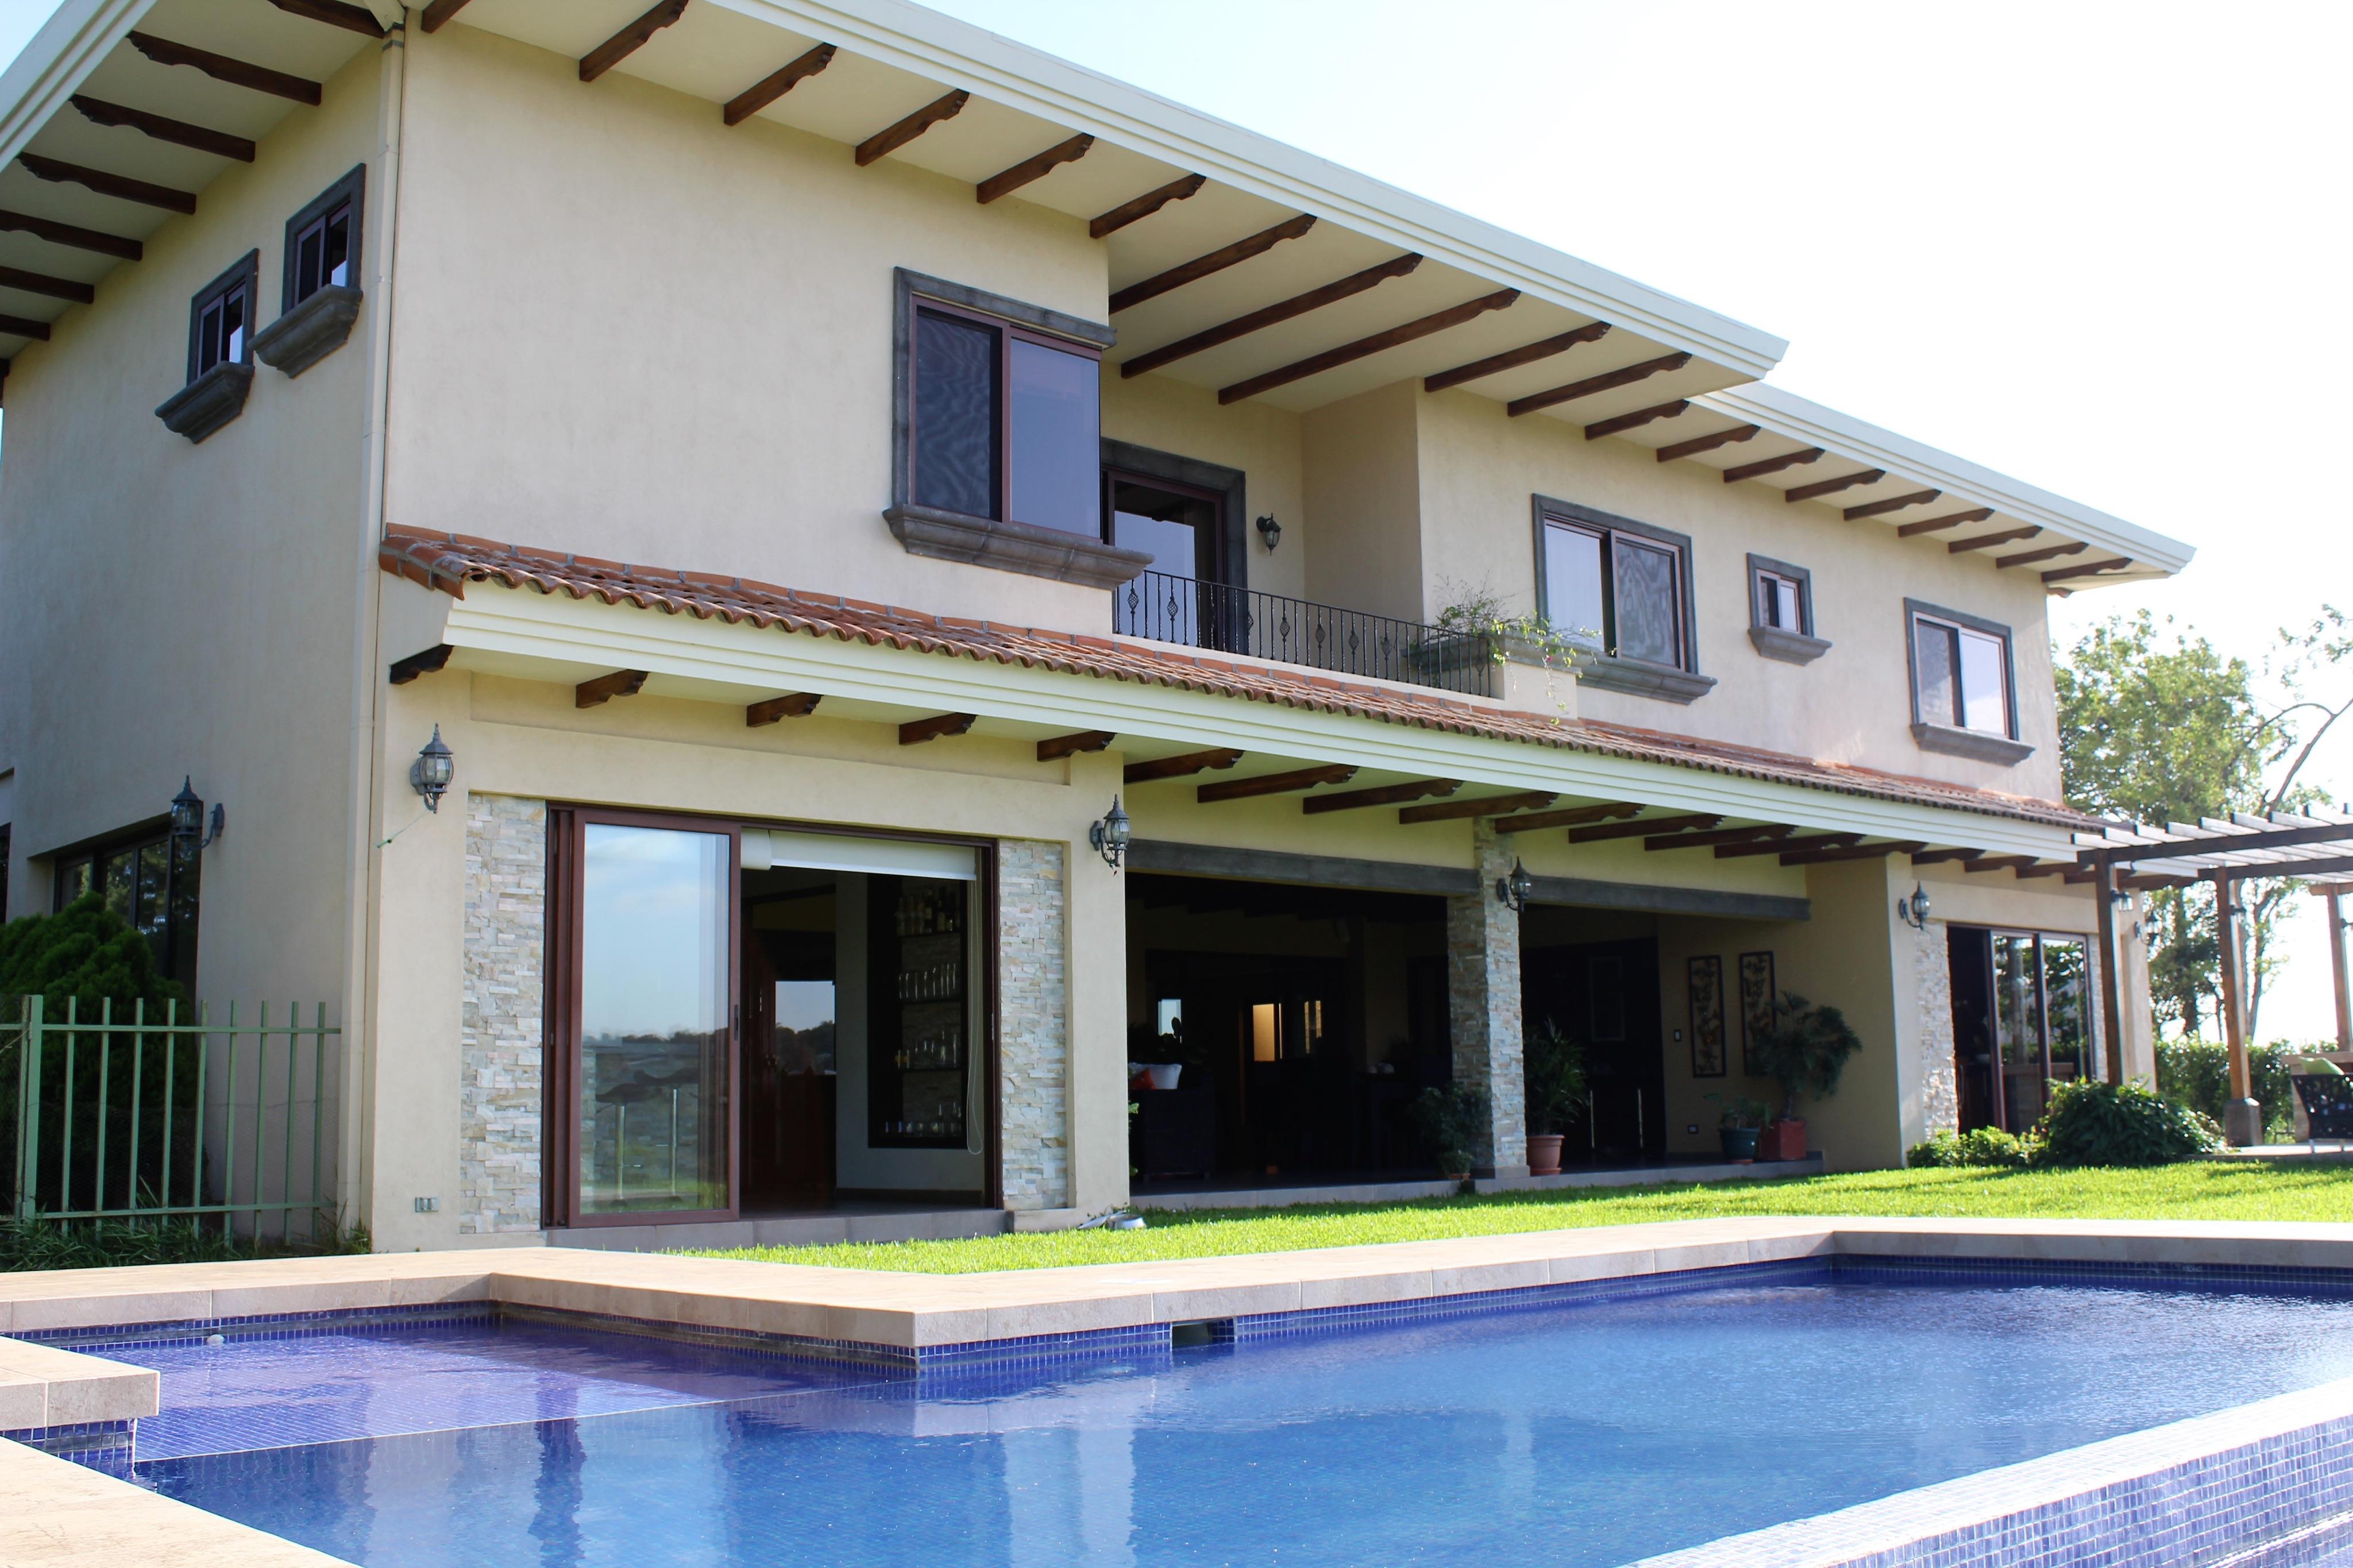 CPTCR0112 Casa en Venta Alturas de Tenerife